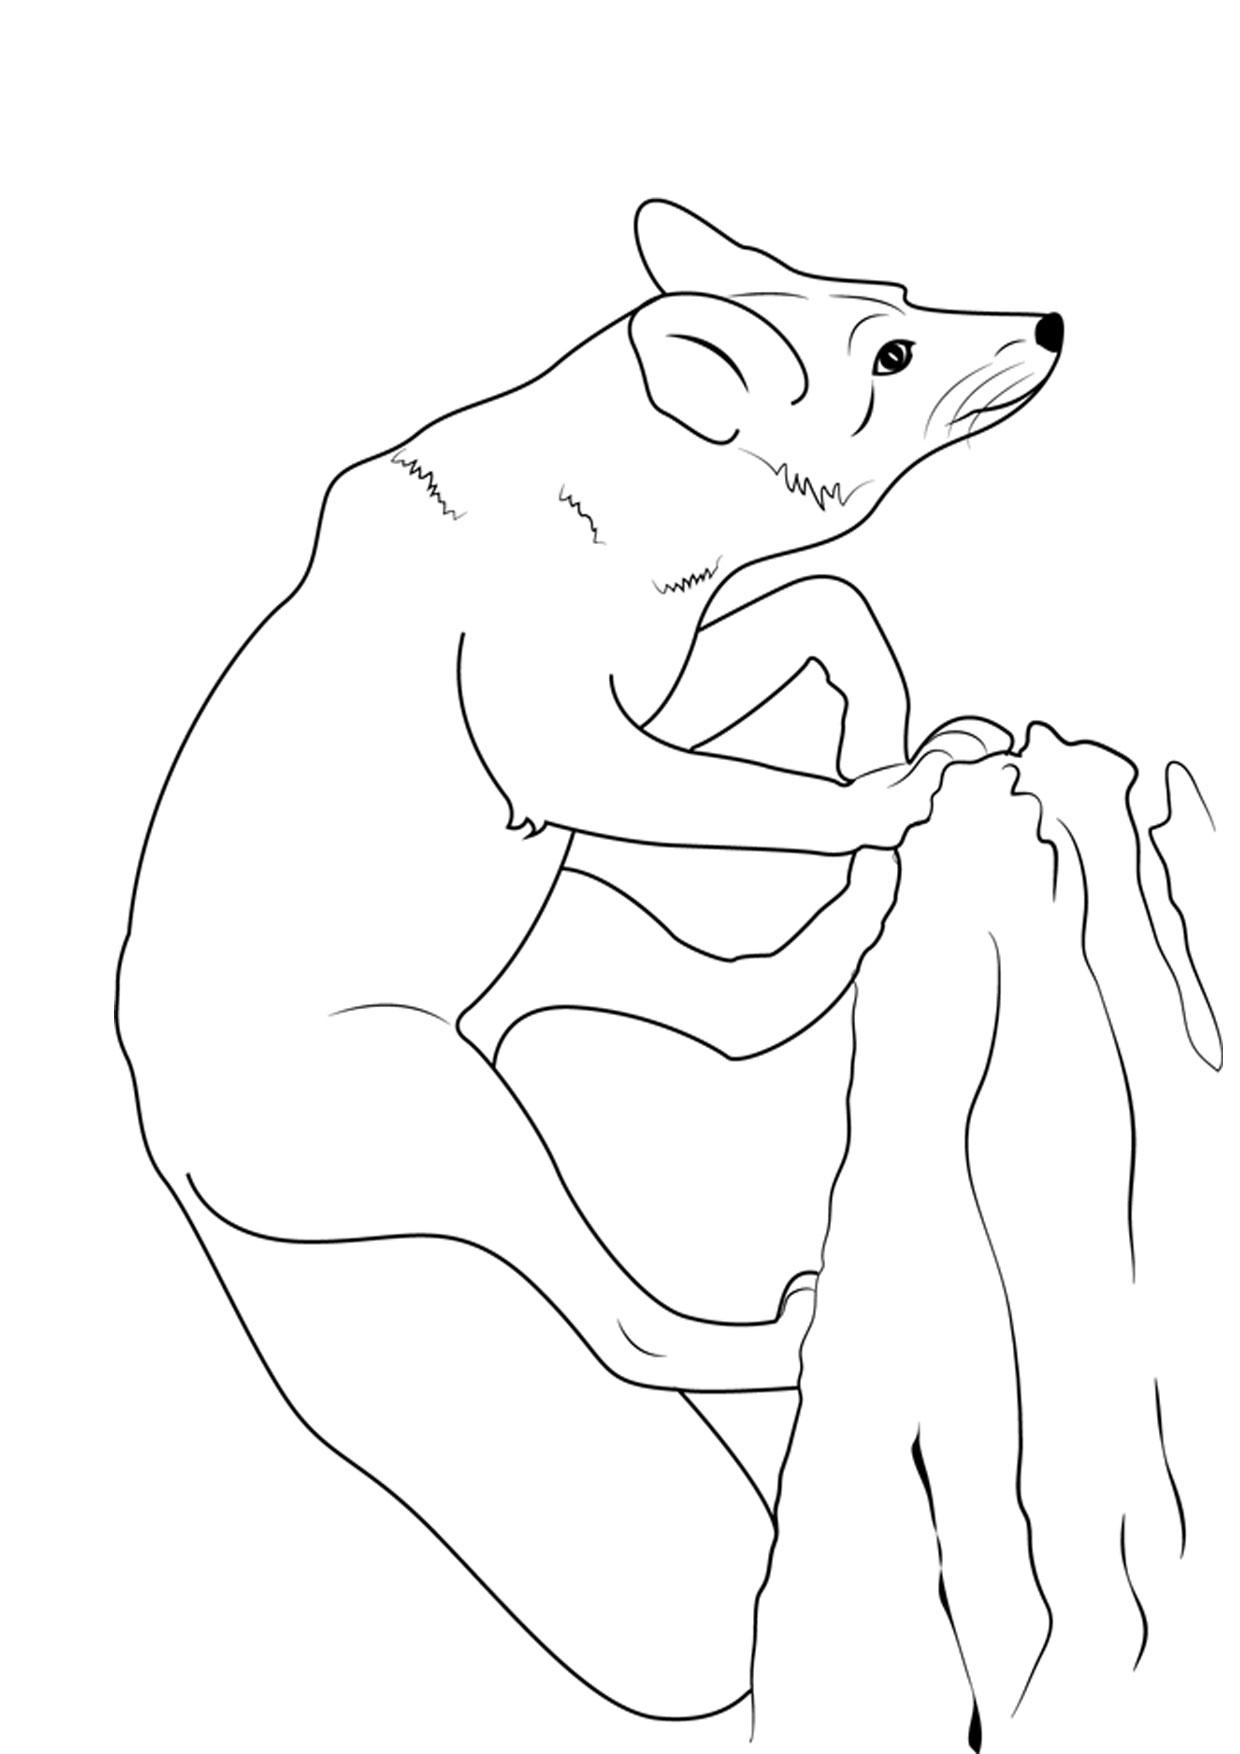 Disegno di volpe da colorare 12